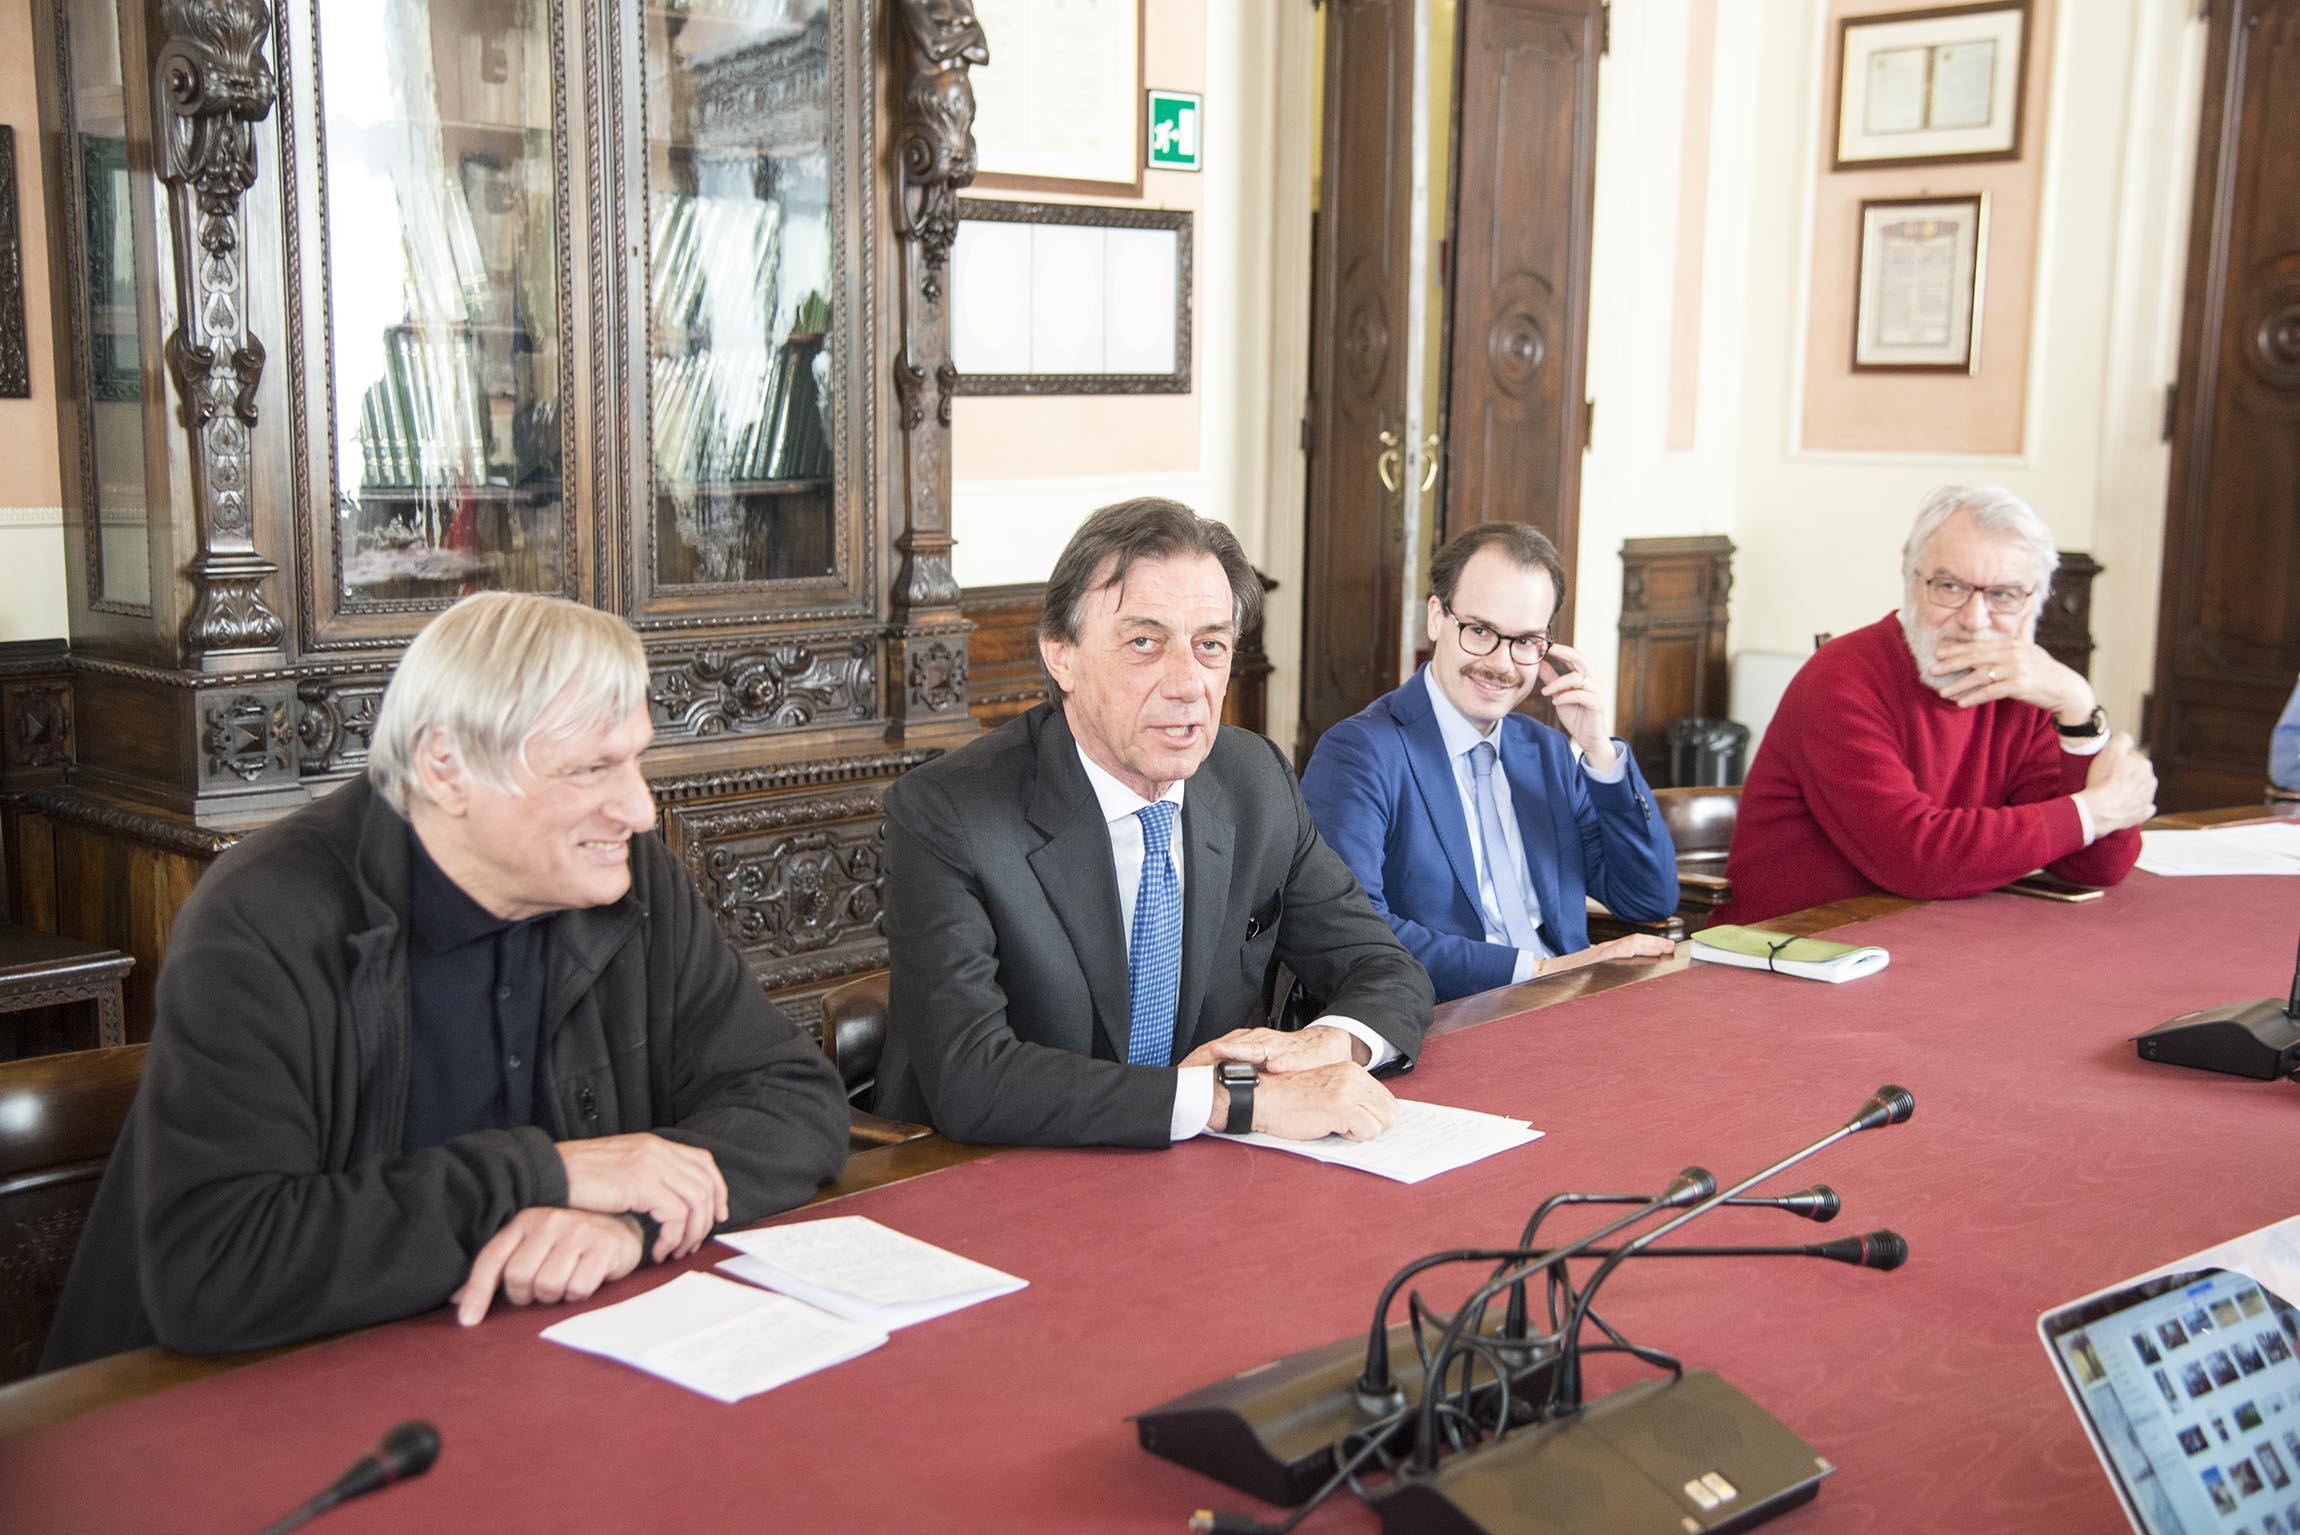 """conferenza stampa: """"21 marzo - Padova piazza principale della XXIV Giornata della Memoria e dell'Impegno  in ricordo delle vittime innocenti delle mafie promossa da Libera e Avviso Pubblico"""""""